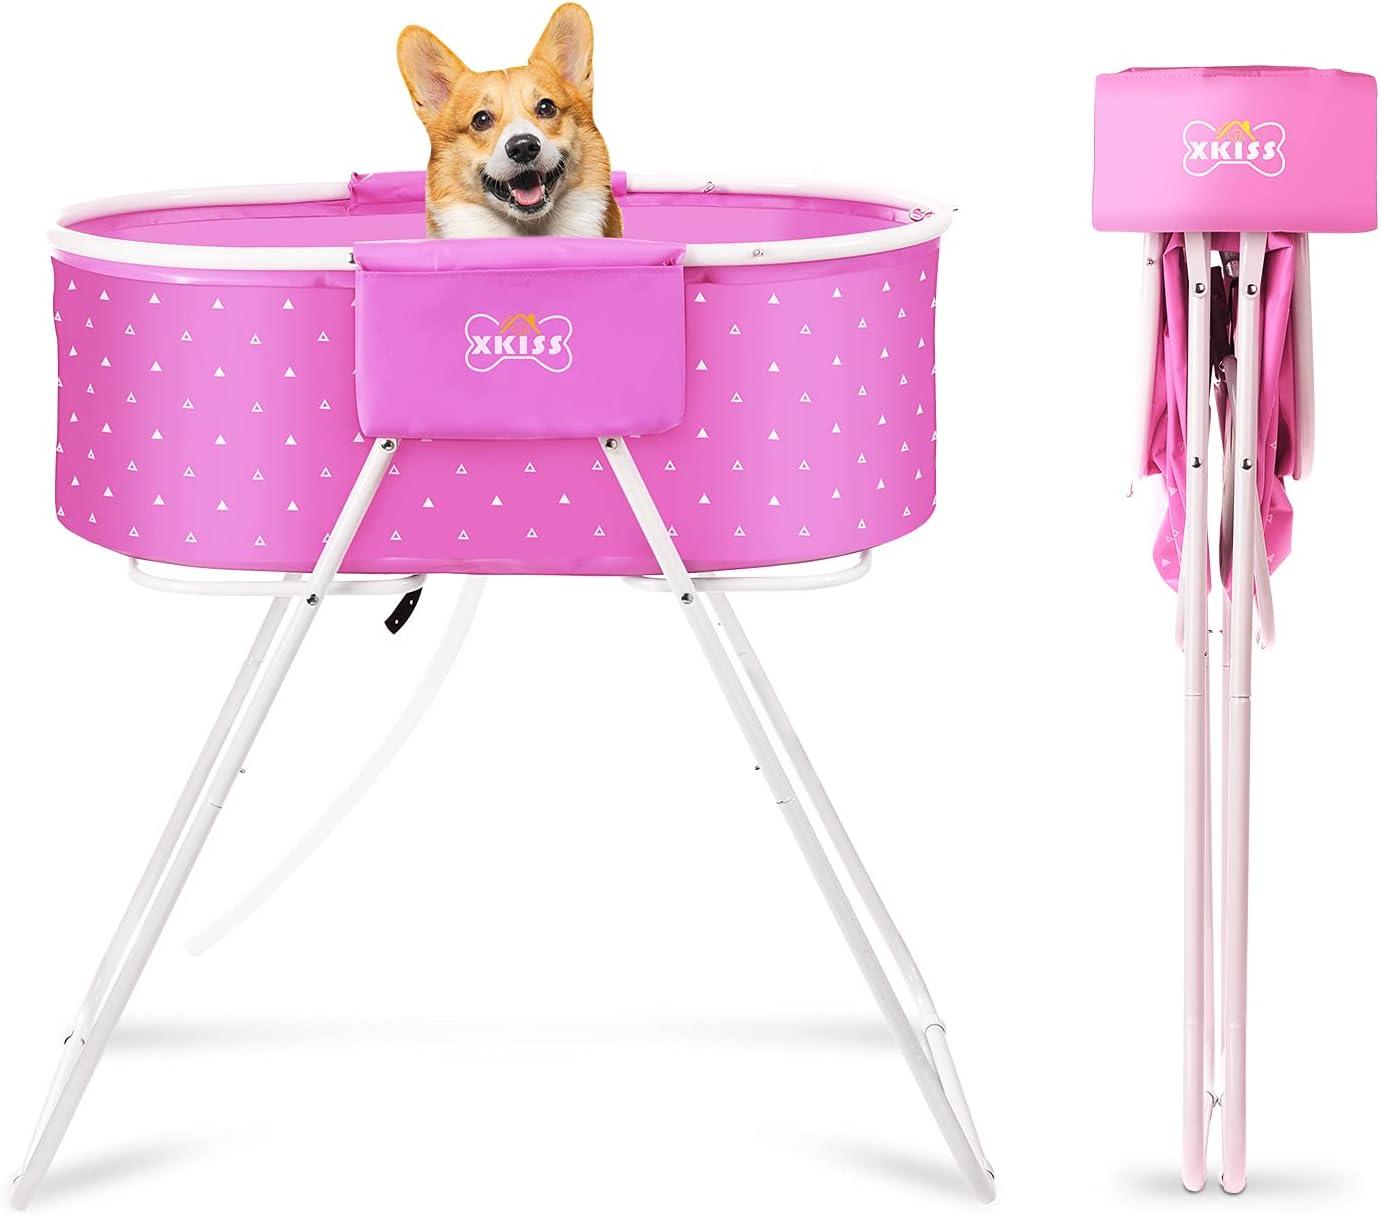 bañera plegable para gatos y perros de color rosa xkiss